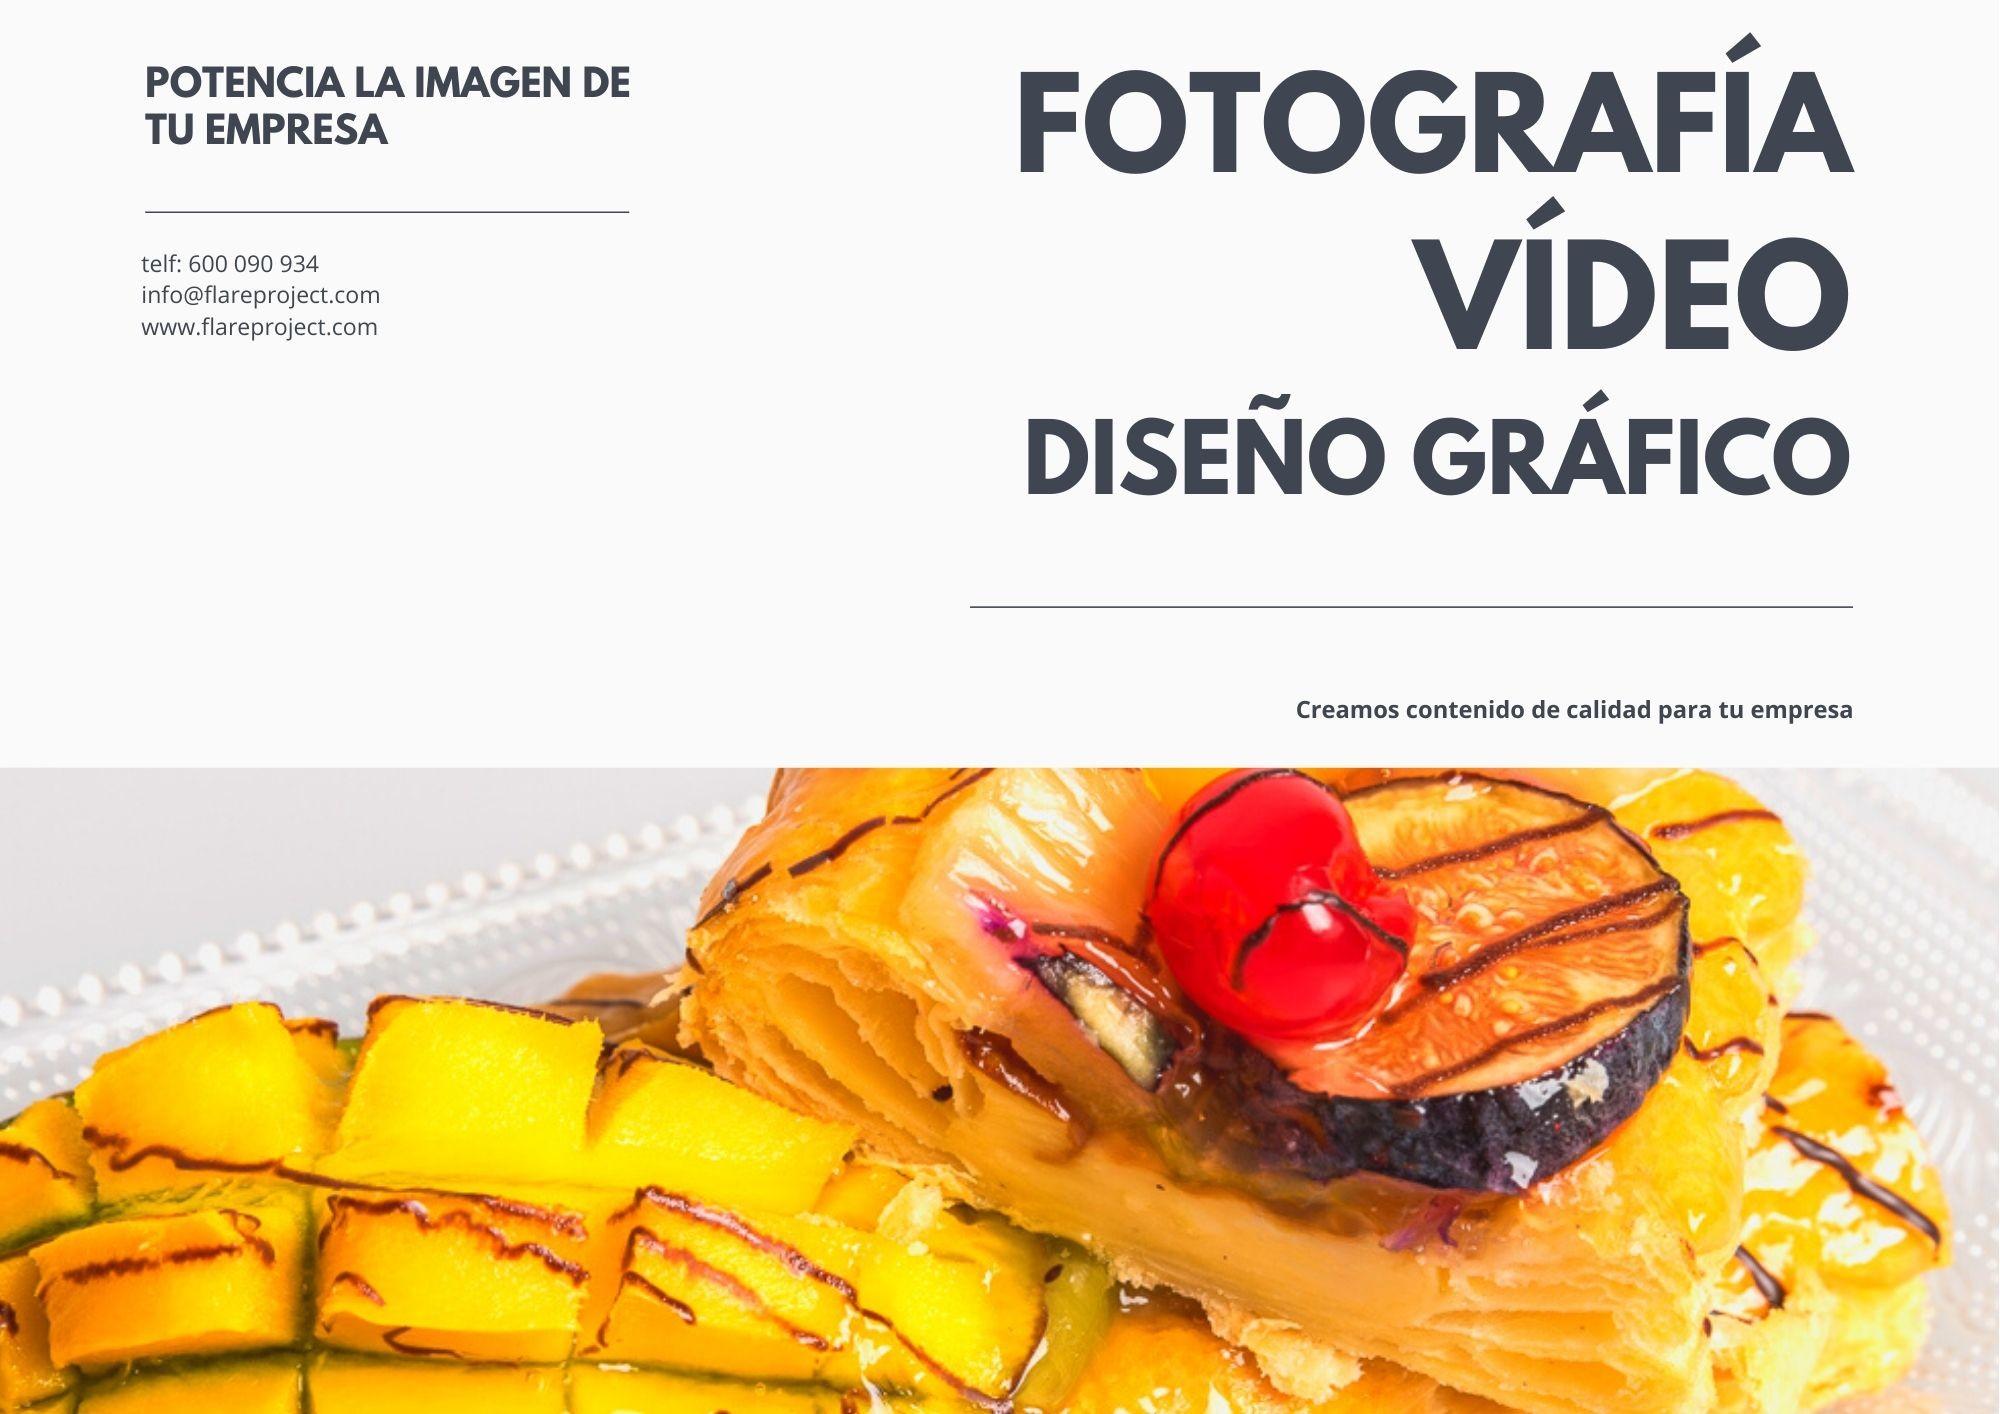 FOTOGRAFIA VIDEO Y DISEÑO GRÁFICO